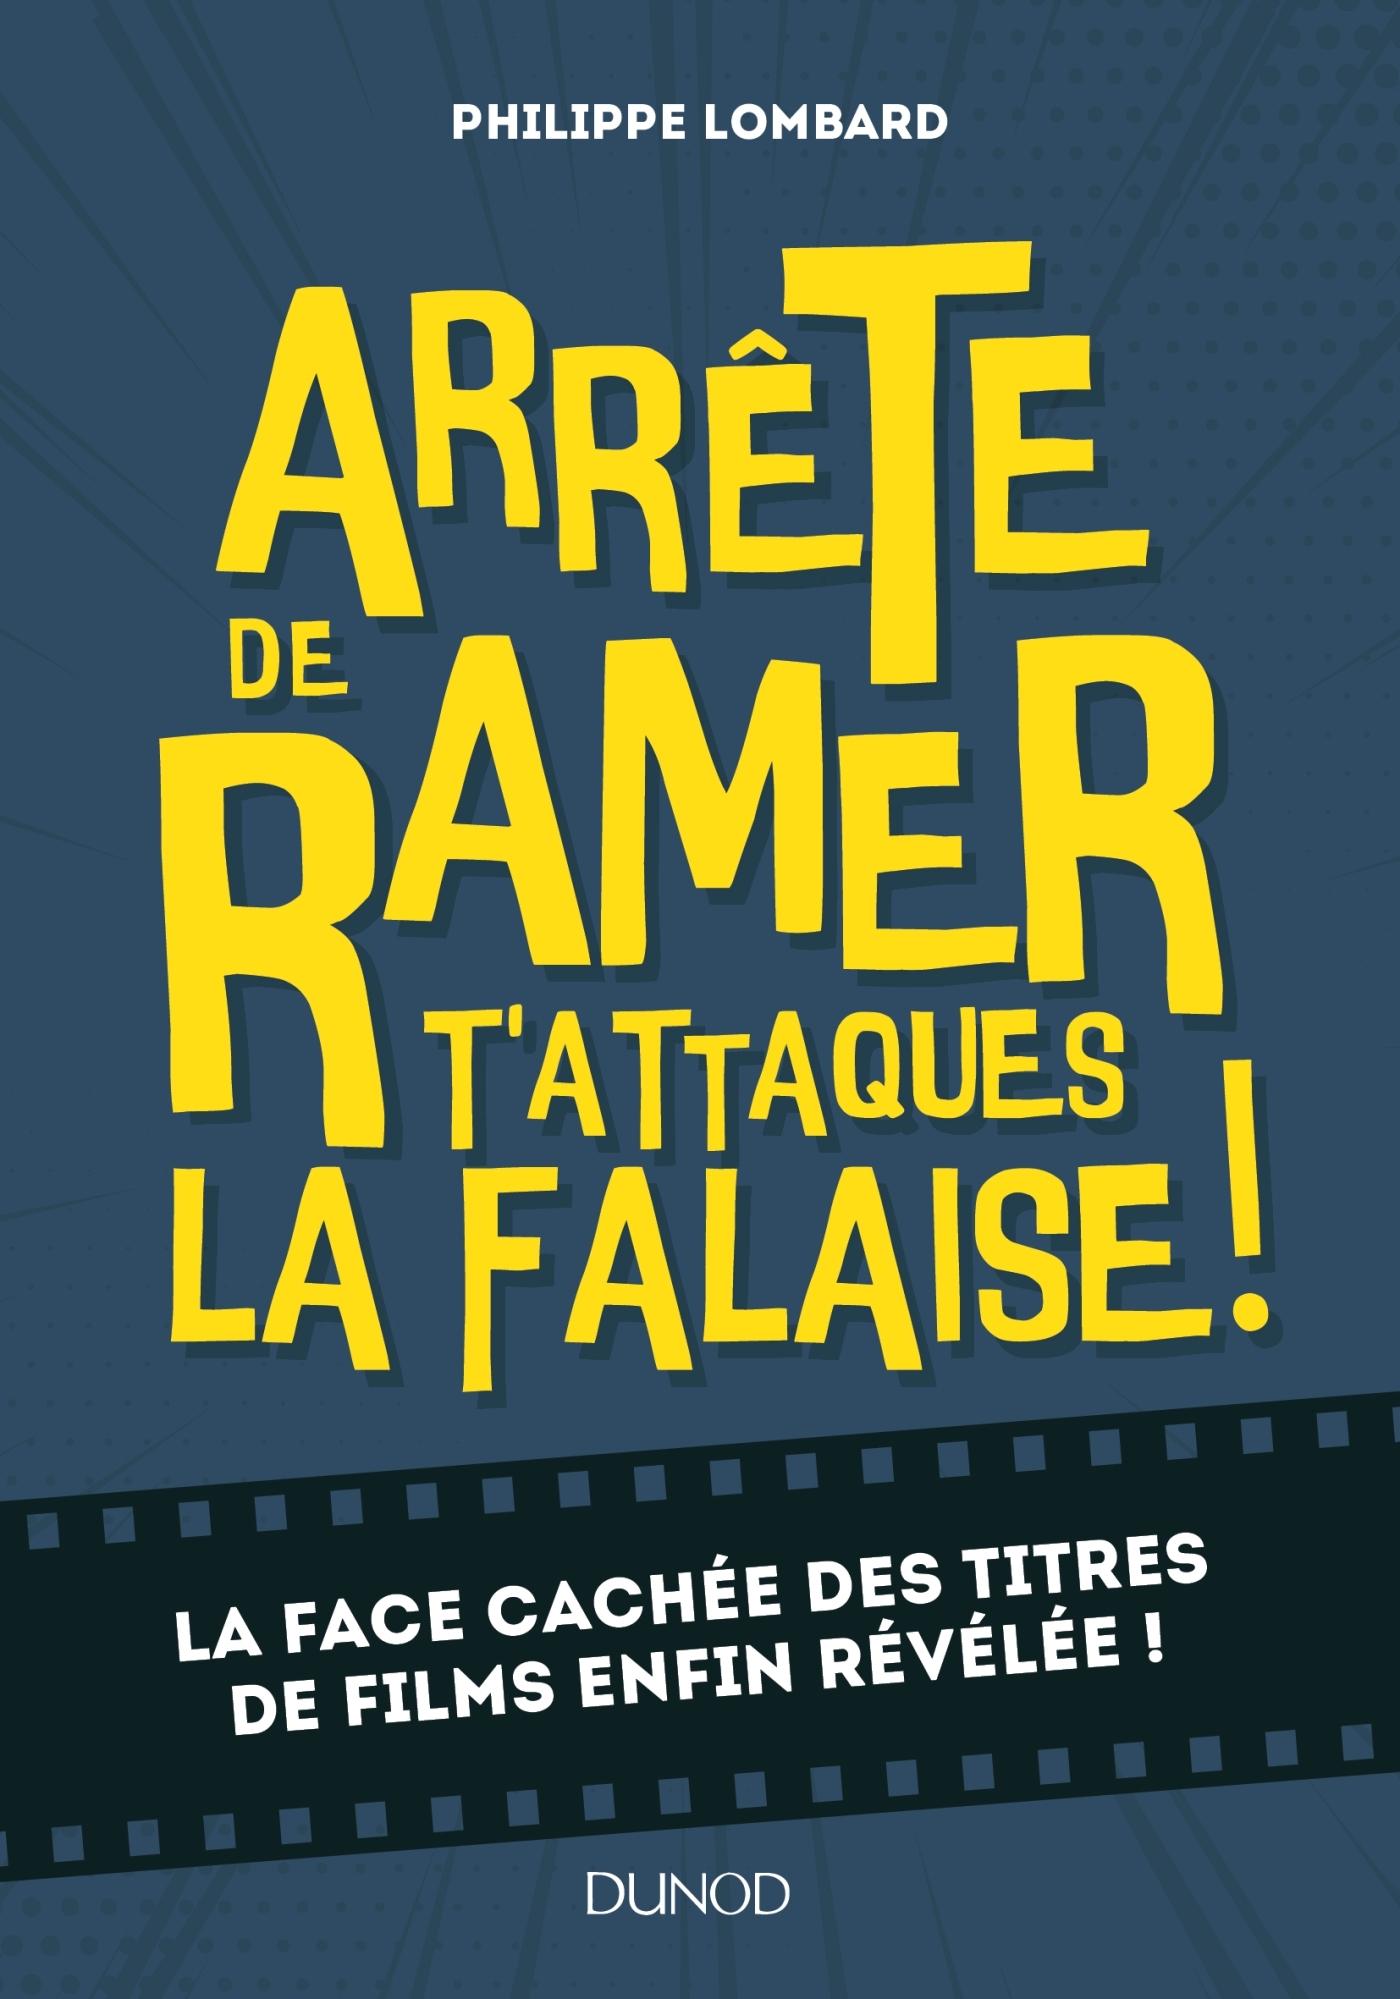 ARRETE DE RAMER, T'ATTAQUES LA FALAISE ! - LA FACE CACHEE DES TITRES DE FILMS ENFIN REVELEE !